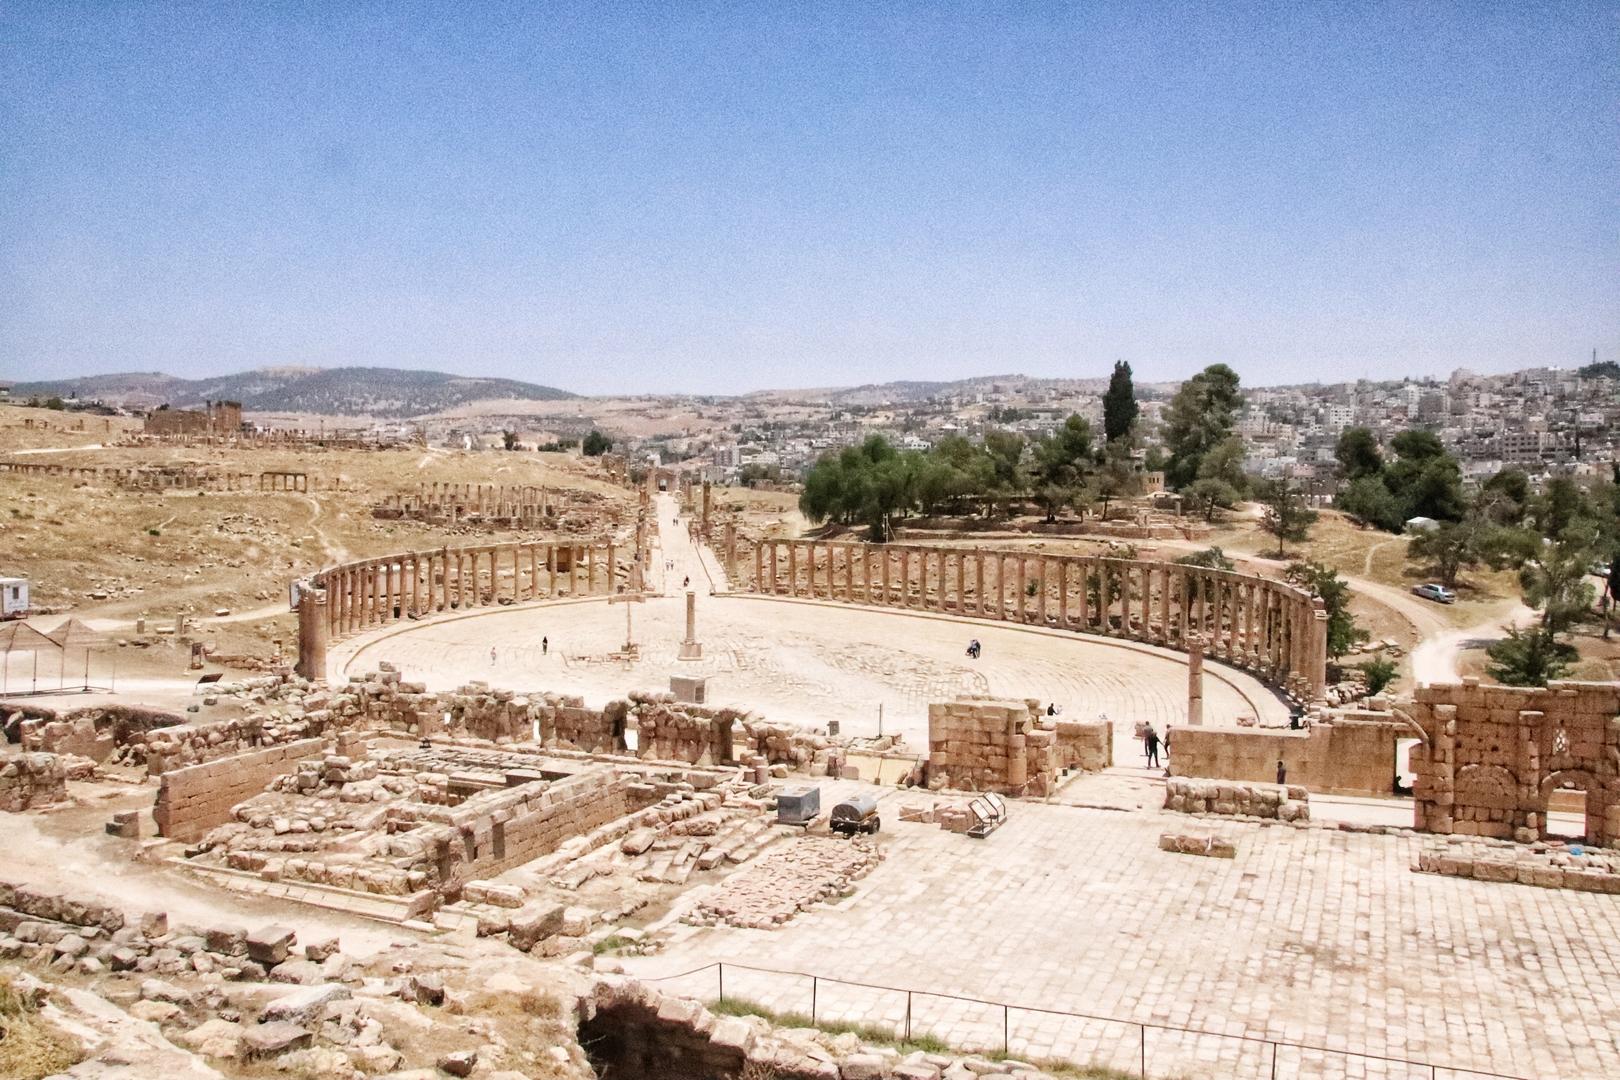 Jordanie - Place ovale sur le site romain de Jerash